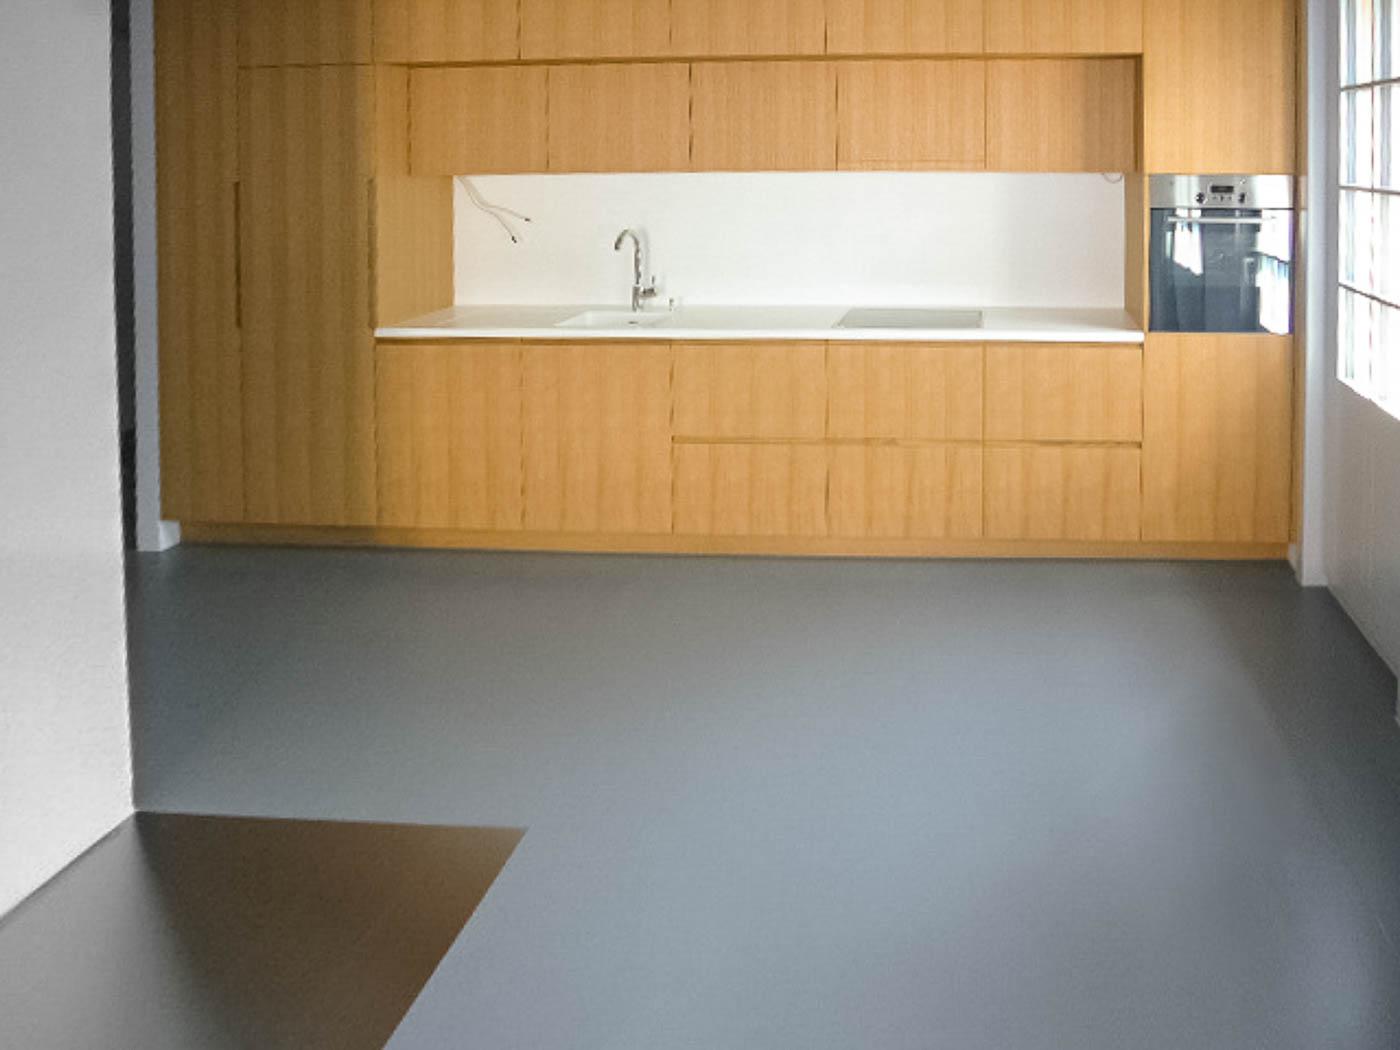 bodenbel ge imboden wir gestalten wohnraum. Black Bedroom Furniture Sets. Home Design Ideas